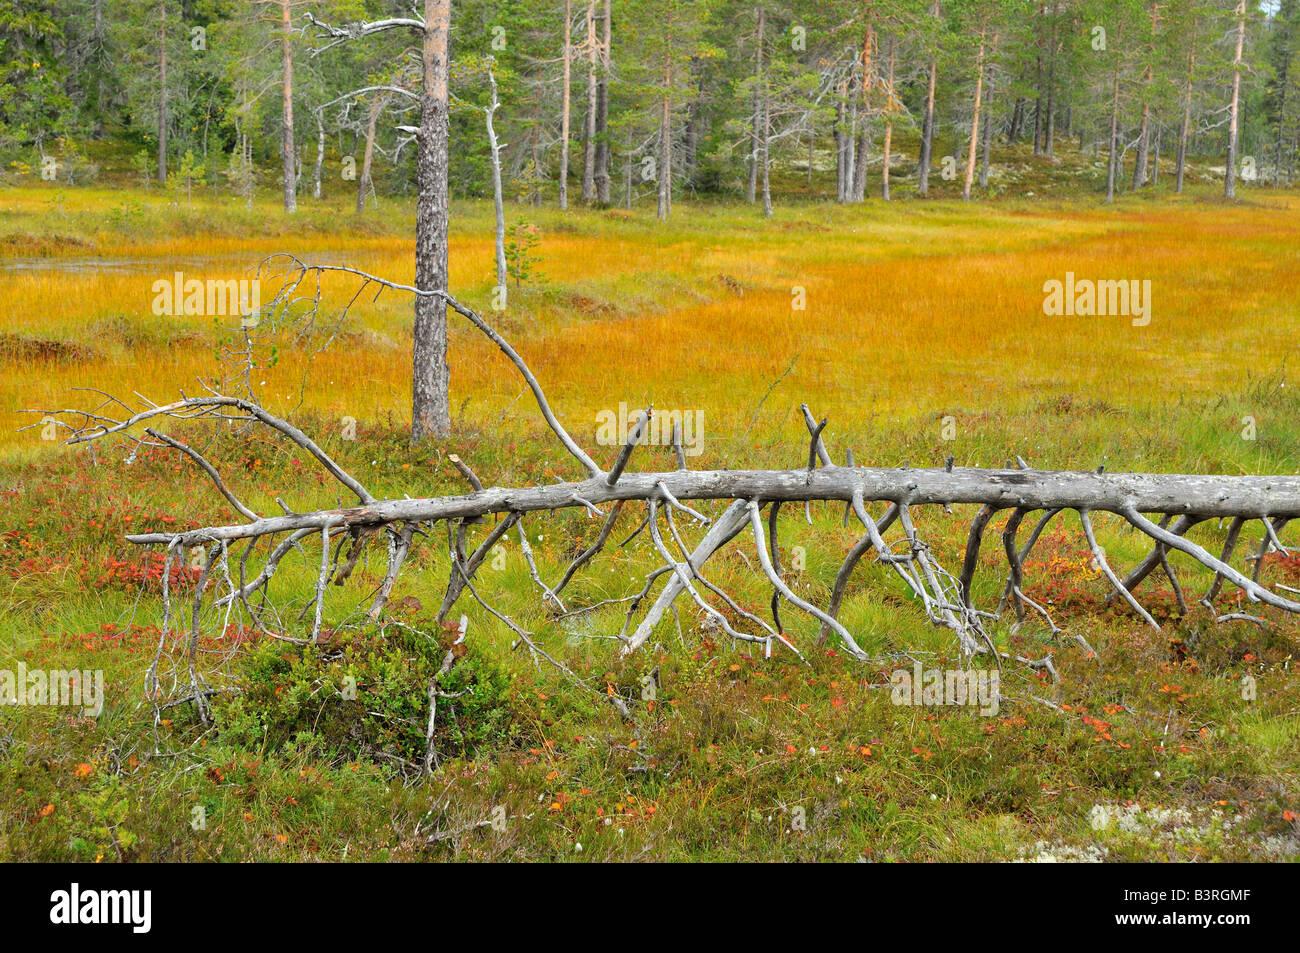 Colorful marsh landscape, Sweden - Stock Image